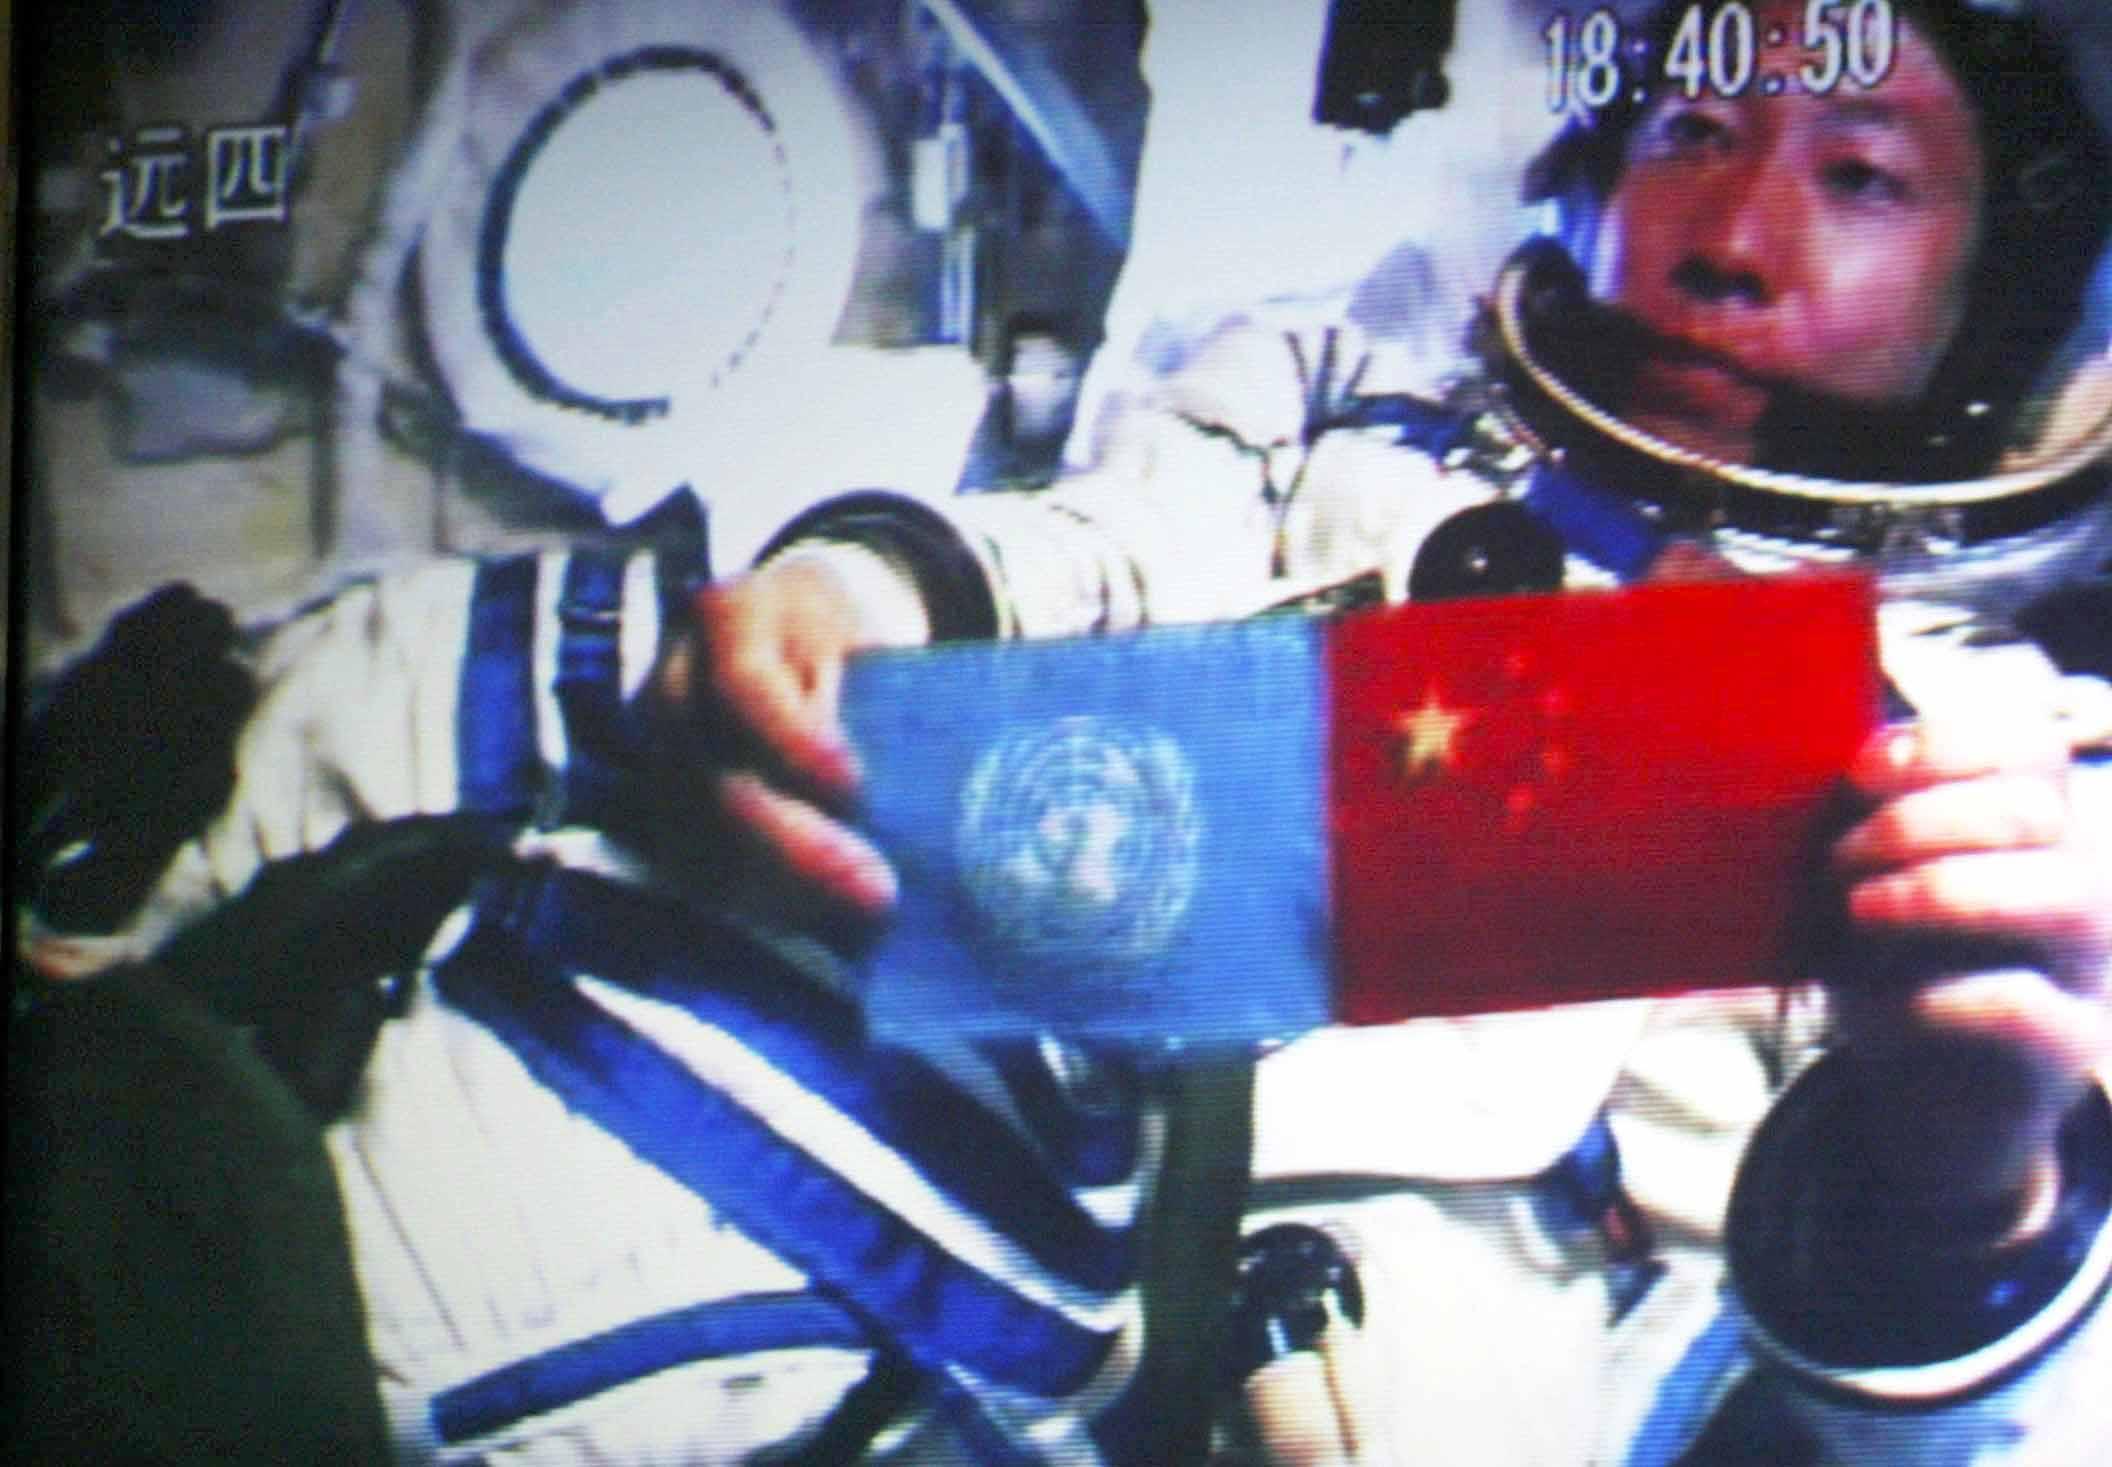 2003年10月15日:中国第一艘载人航天飞船神舟五号发射升空。2003年10月15日18时40分,中国培养的第一位航天员杨利伟从太空向世界各国人民问好,并在舱内并列展示了五星红旗和联合国旗.jpg